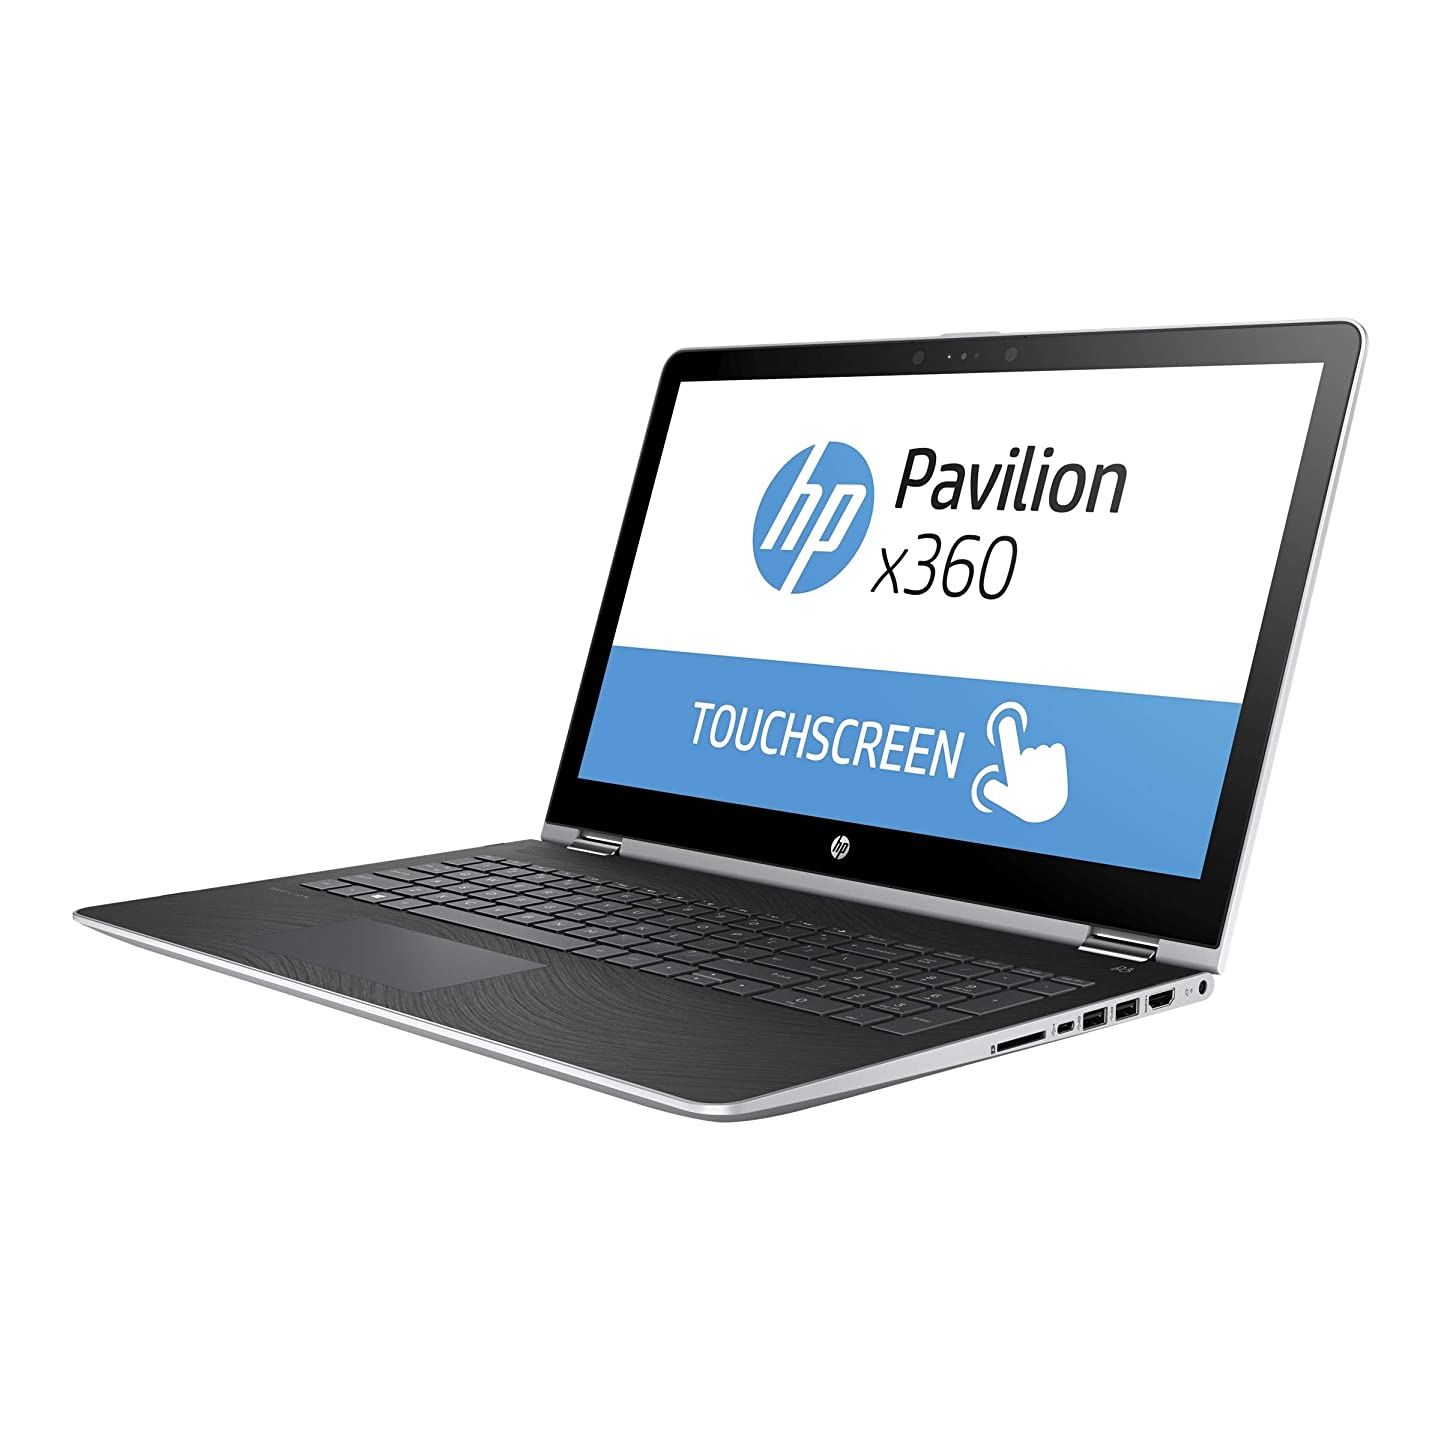 HP Pavilion 15-cr0051od Intel Core i5-8250U X4 1.6GHz 8GB 1TB 15.6